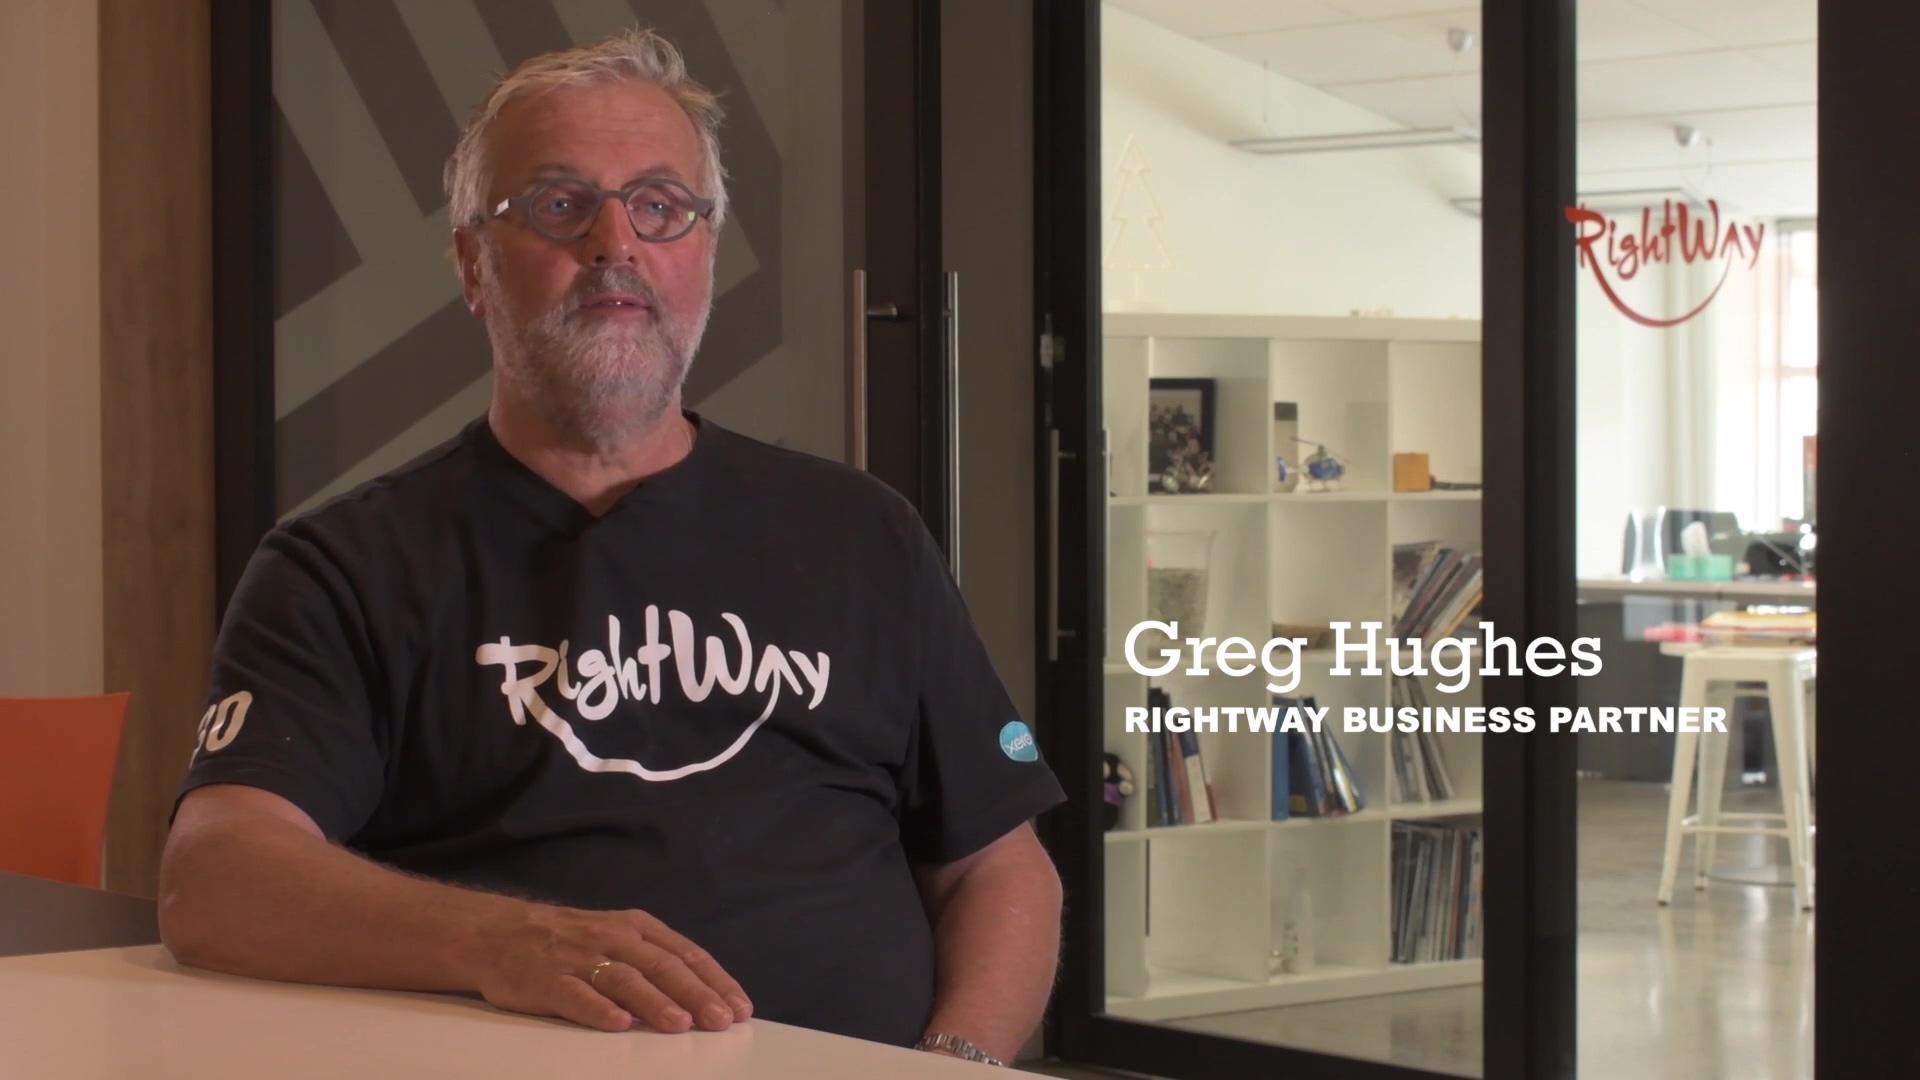 RightWay Greg Hughes 3-min V3 191217